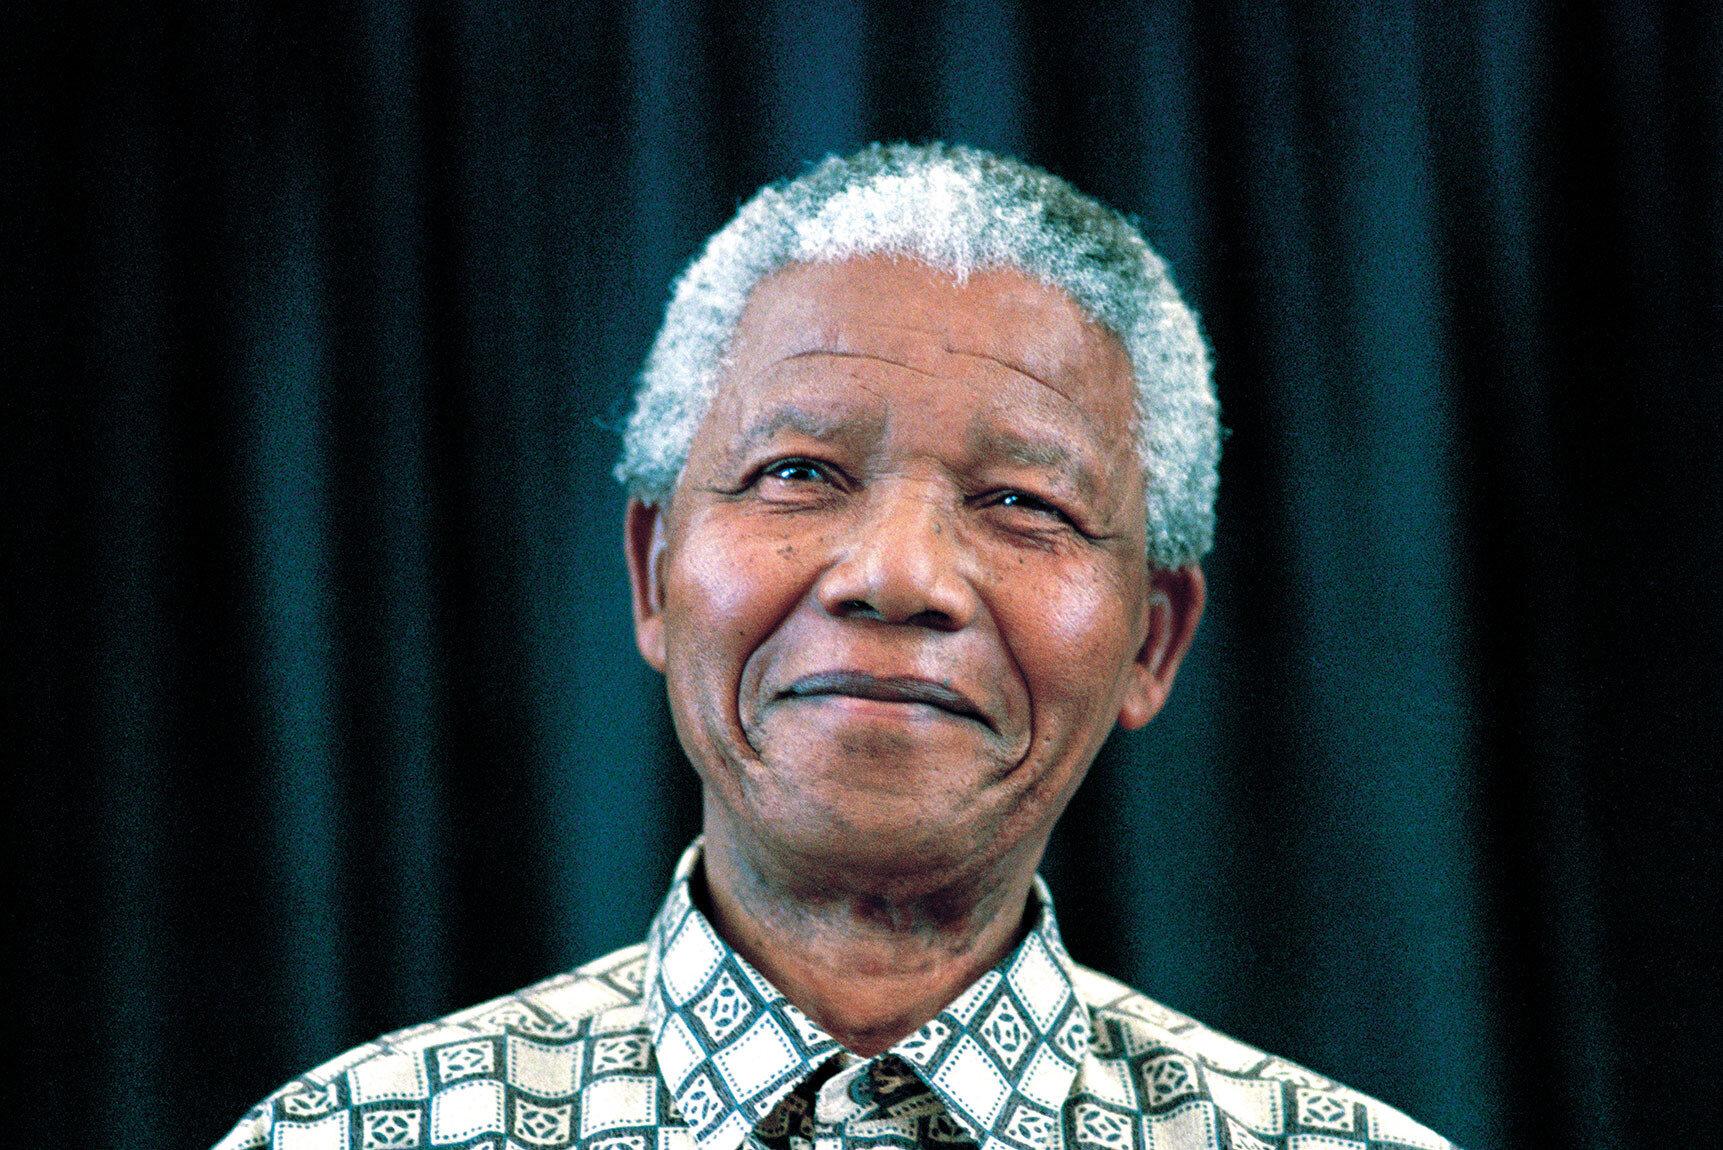 1993'te Nobel Barış Ödülü'nü kazandı.